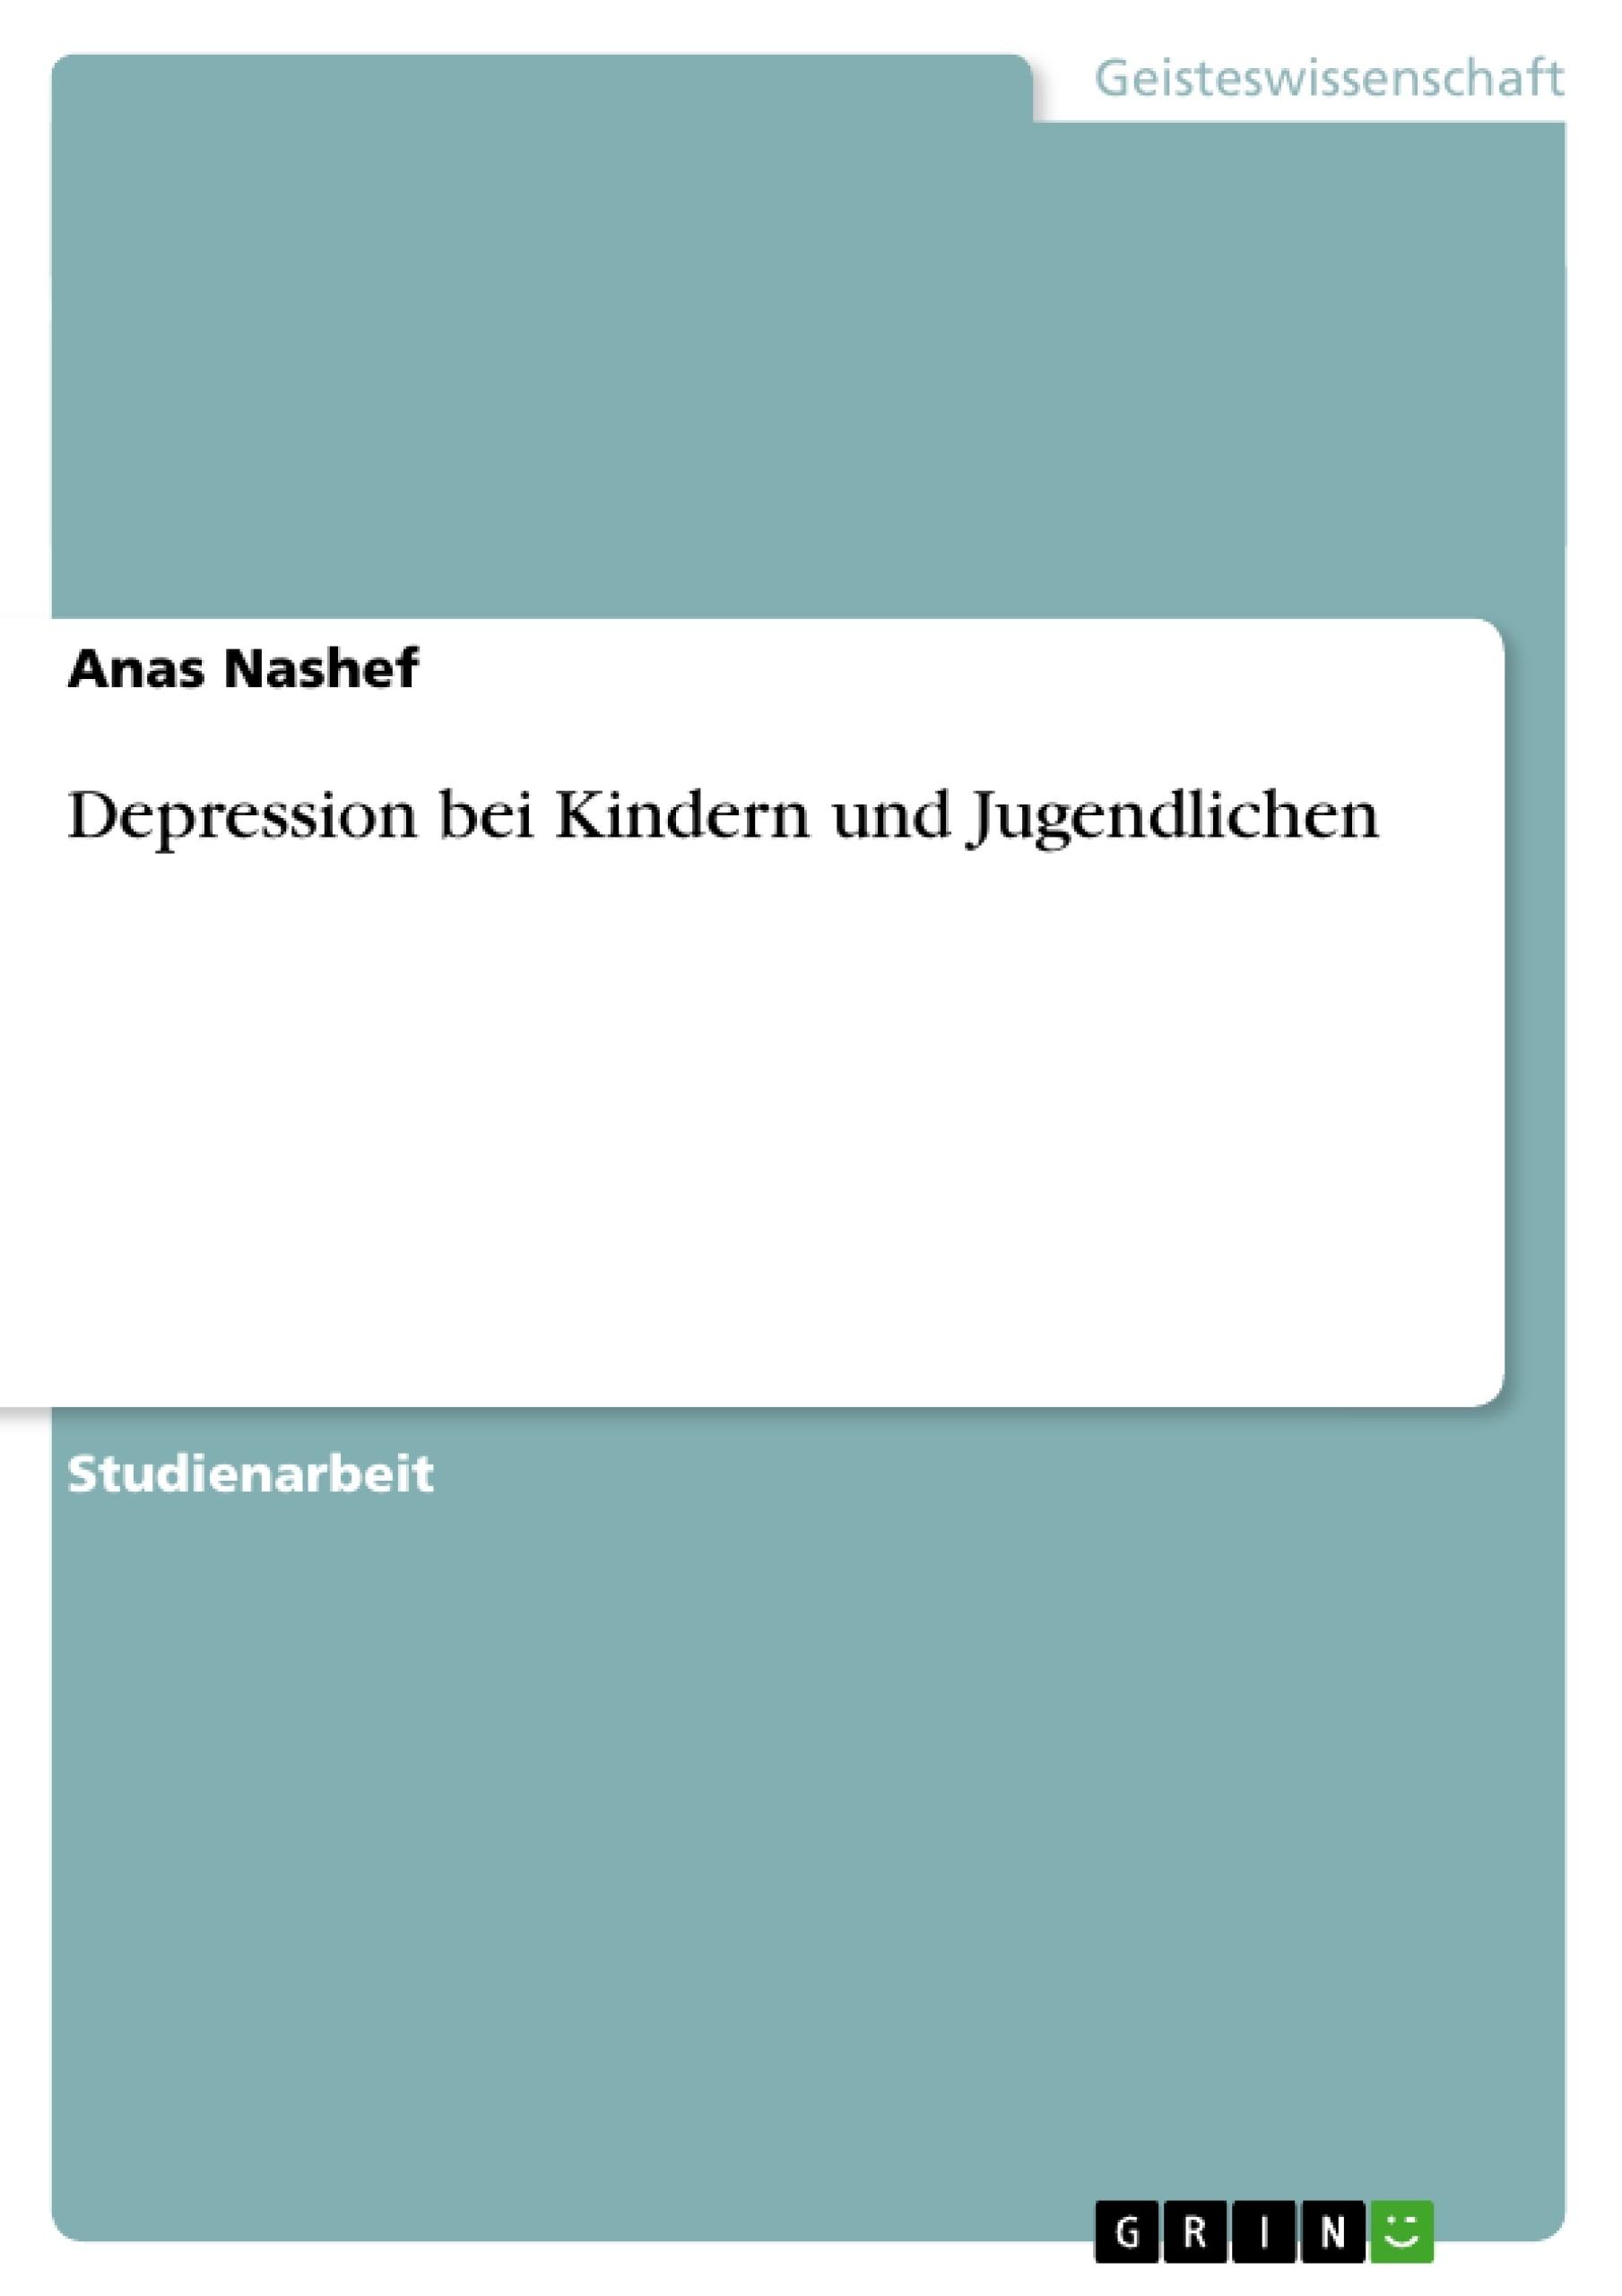 Titel: Depression bei Kindern und Jugendlichen